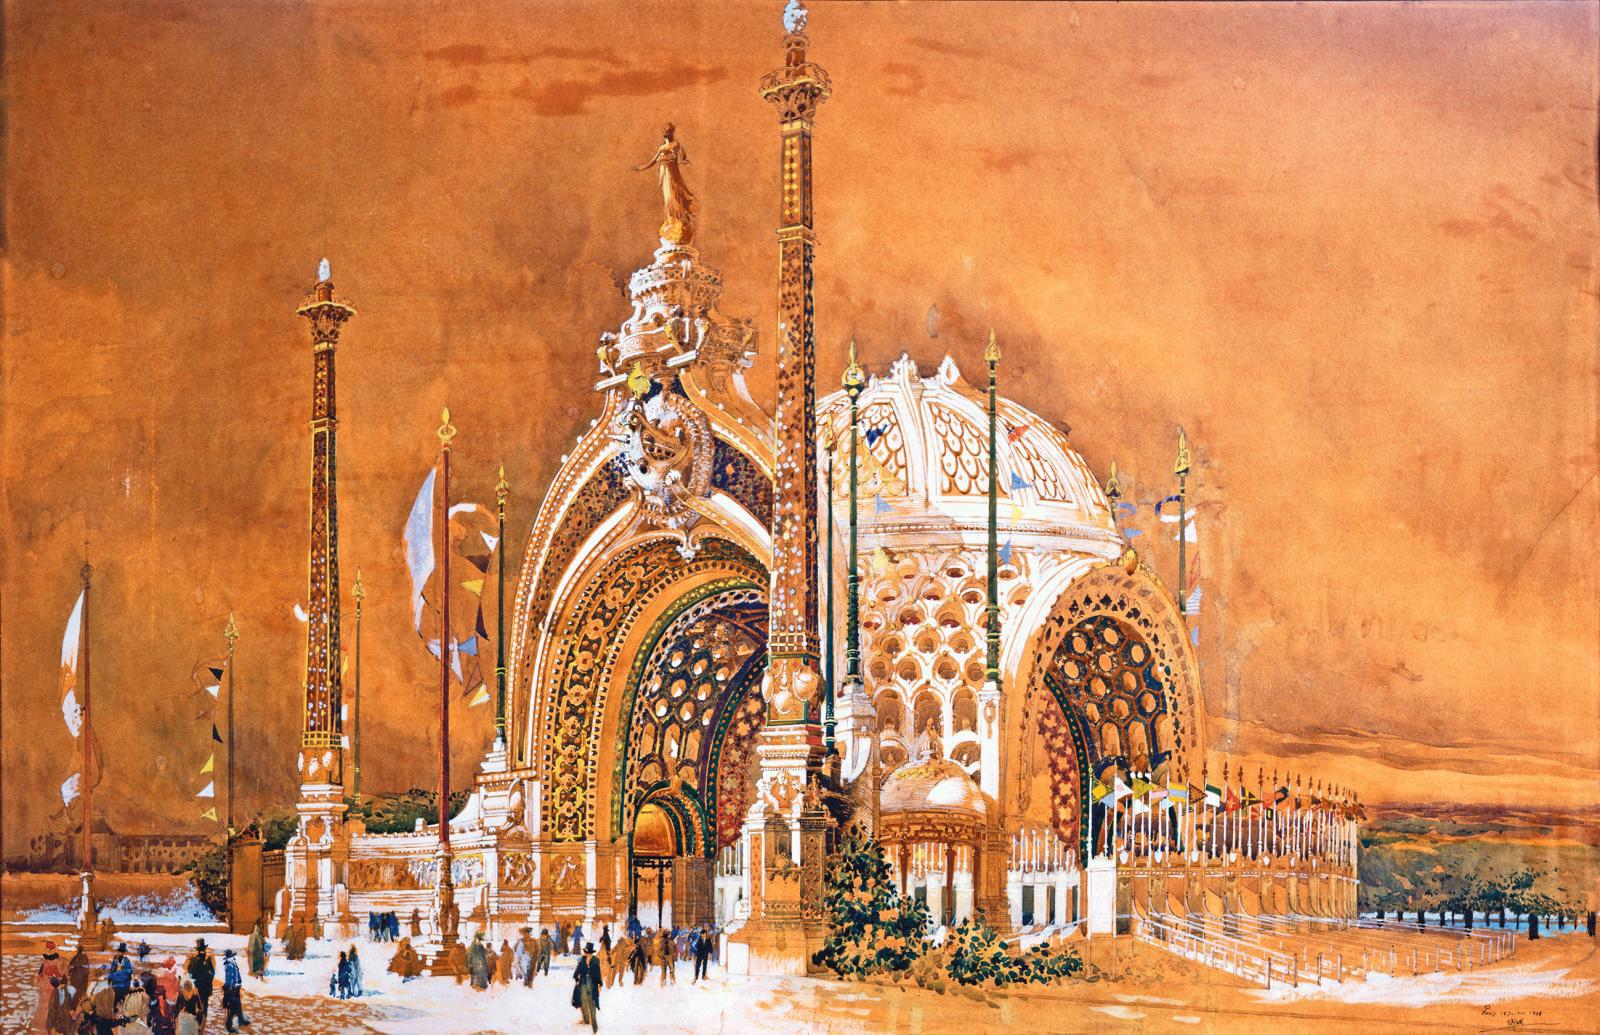 René Binet, Design for the Monumental Door of the 1900 Universal Exhibition, 1898, watercolor, 62 x 95 cm/24.4 x 37.4 in, Musées de Sens.